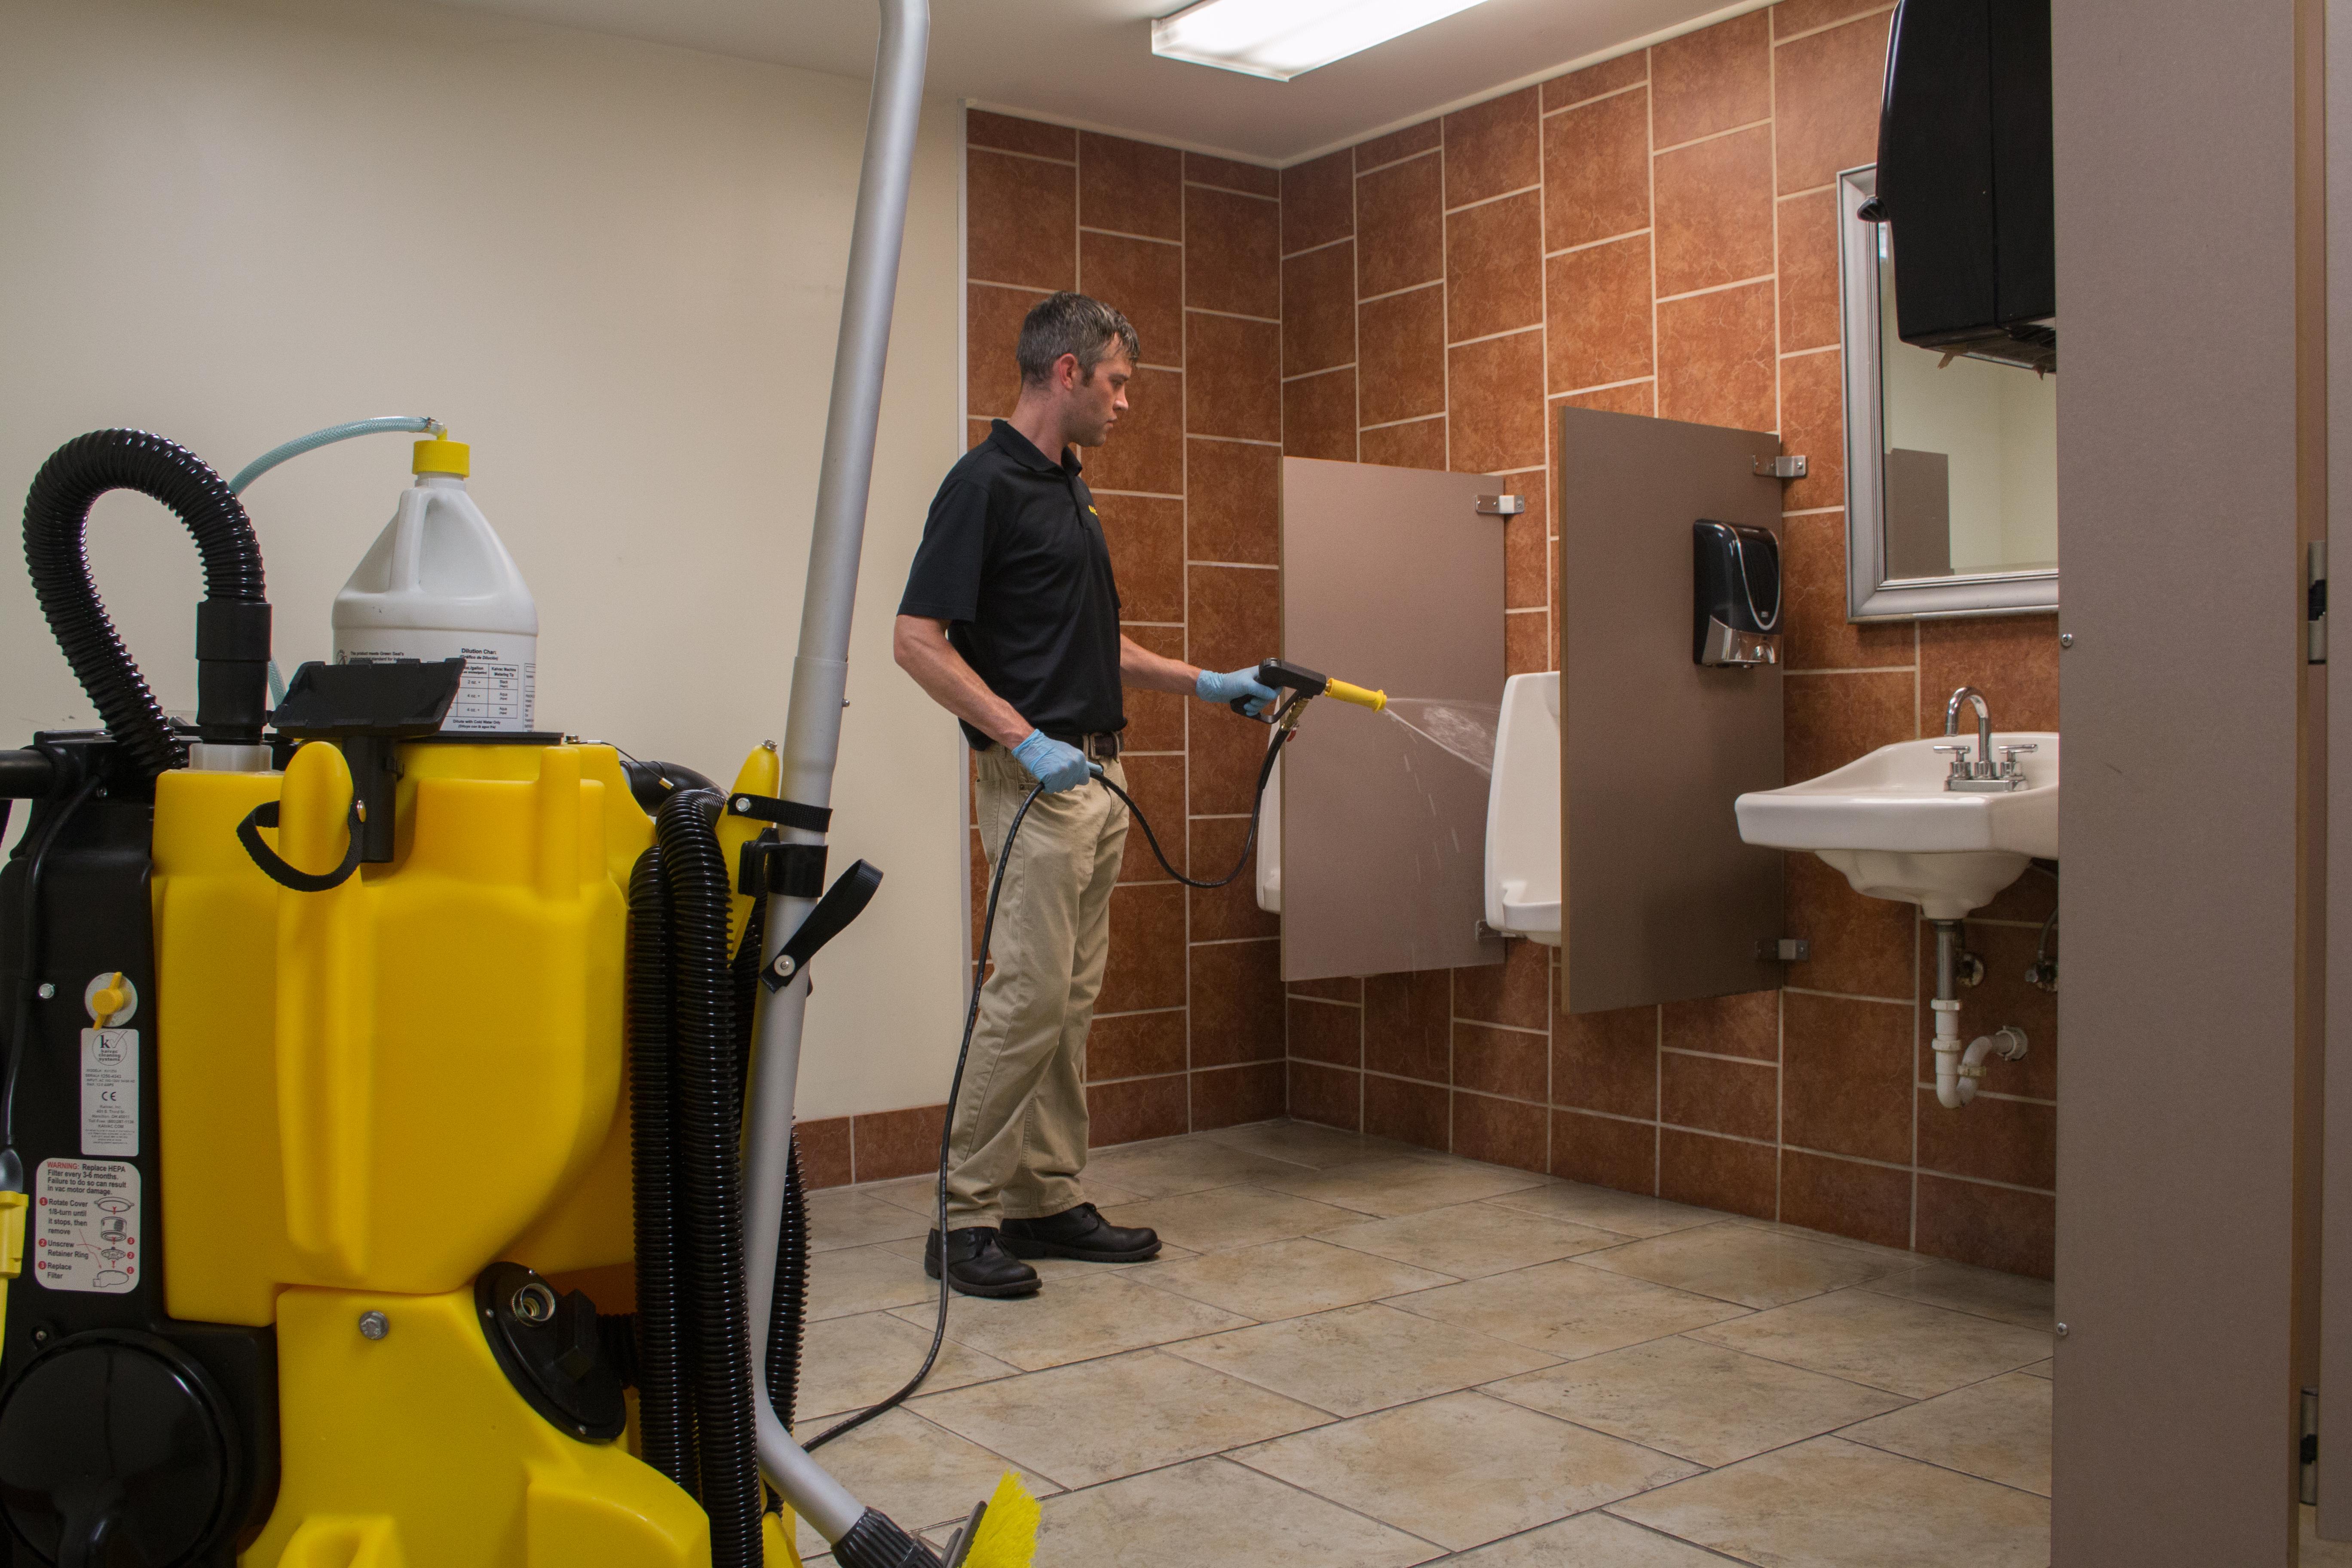 Kaivac NTC 1250 Urinal Spraying